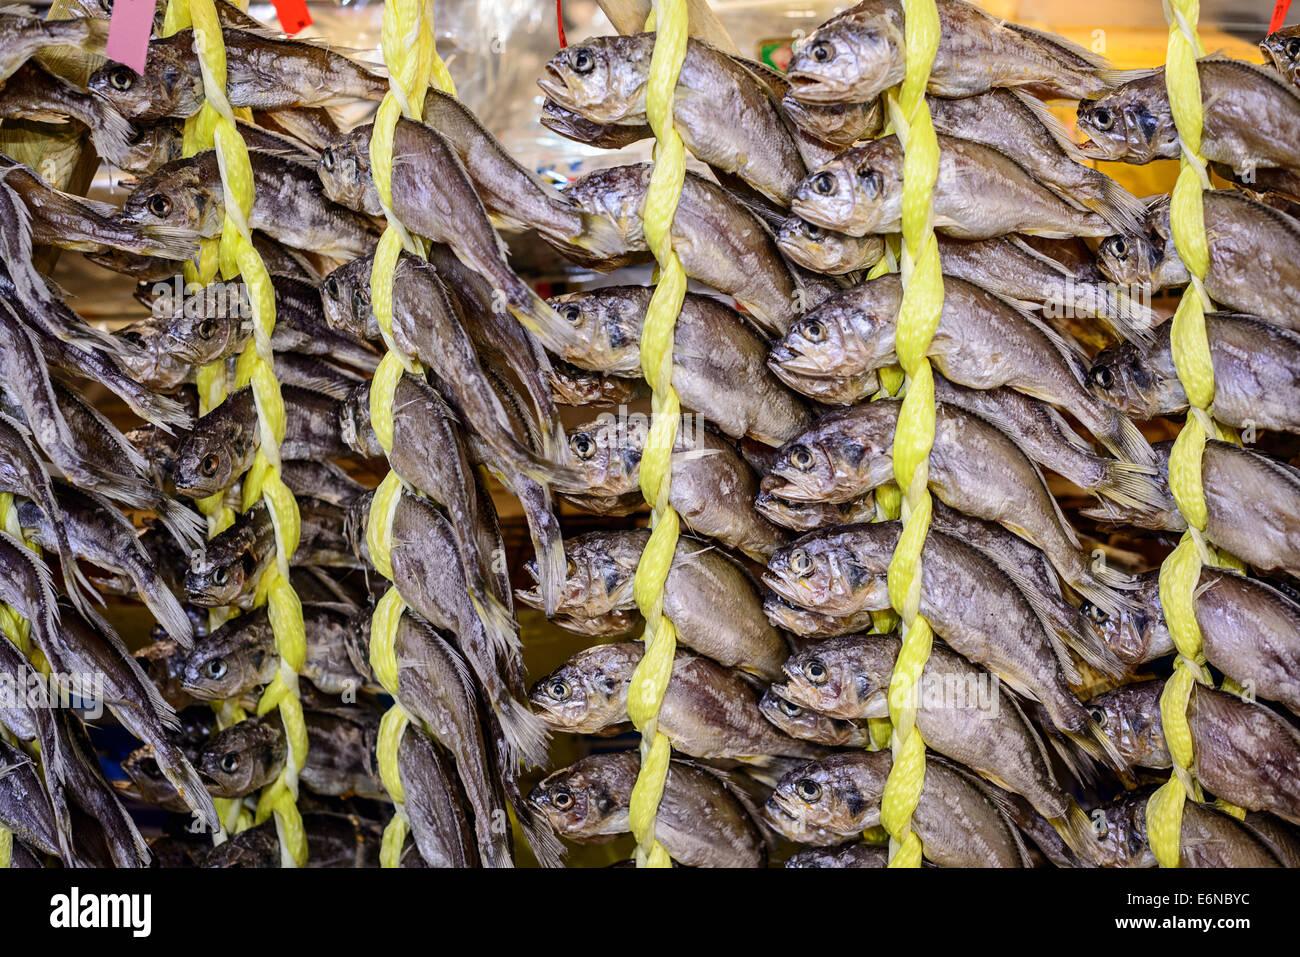 dried fish at gwangjang market in seoul, south korea - Stock Image